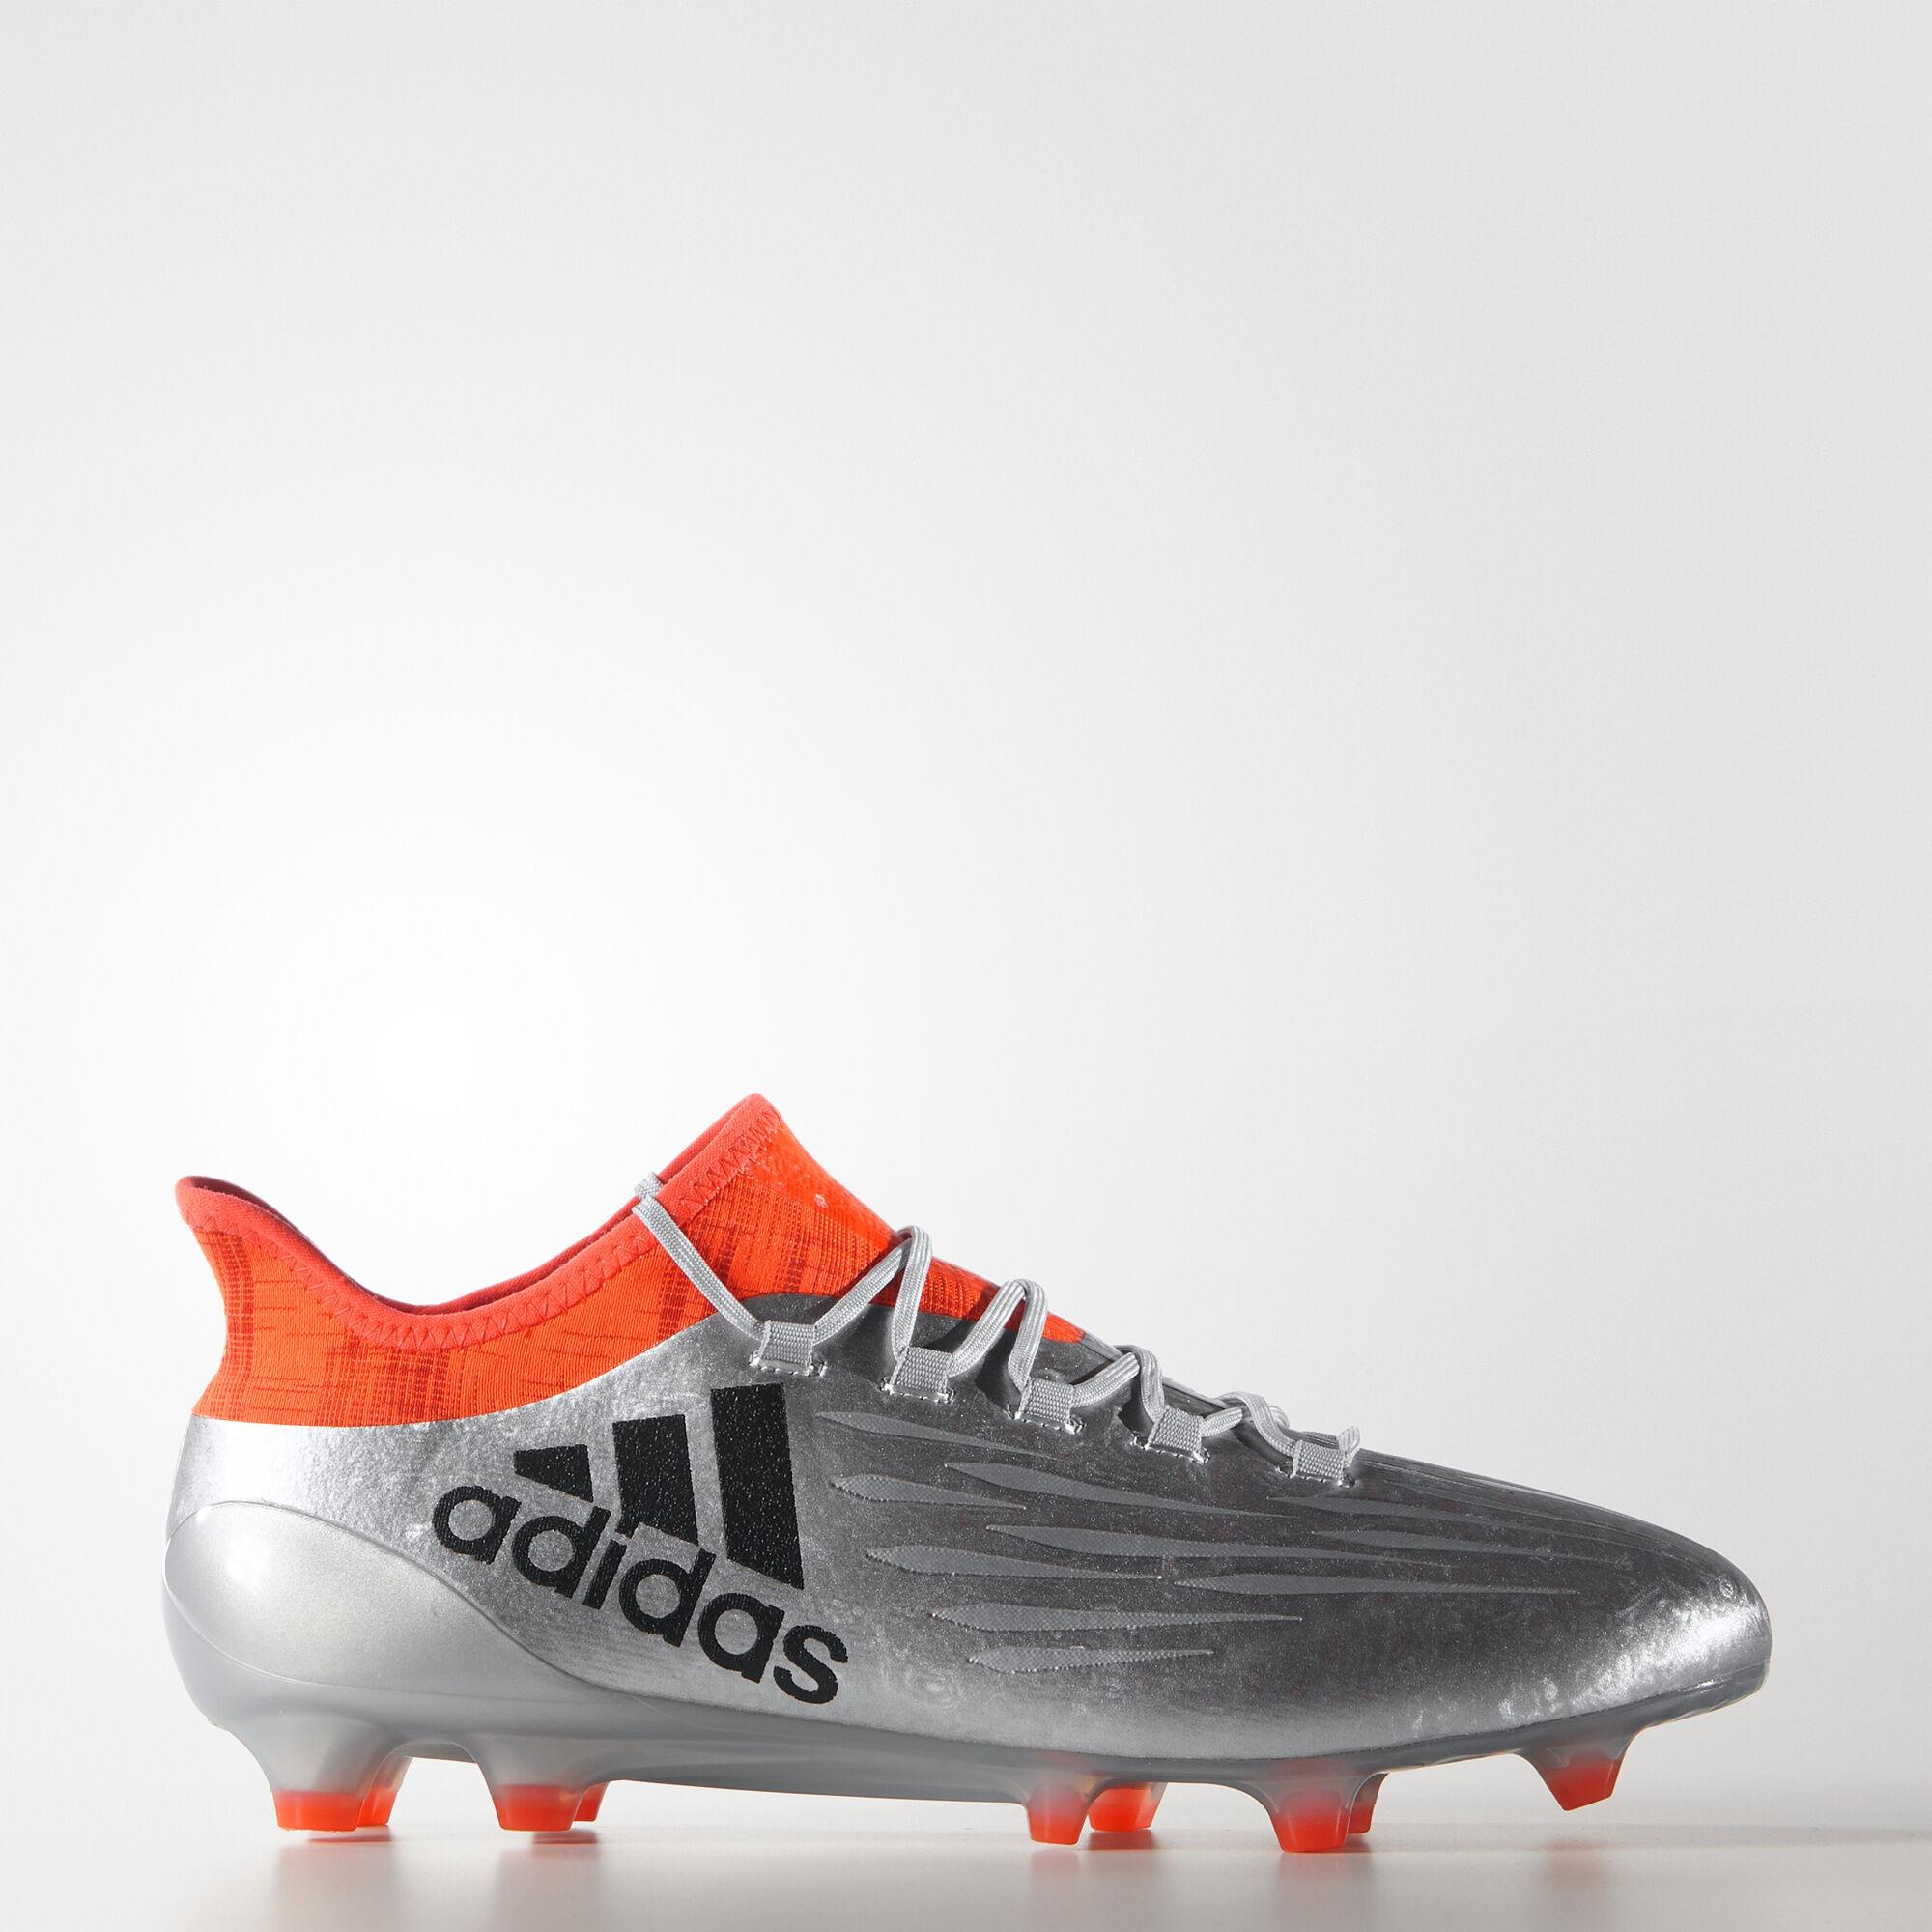 adidas scarpe calcio personalizzate